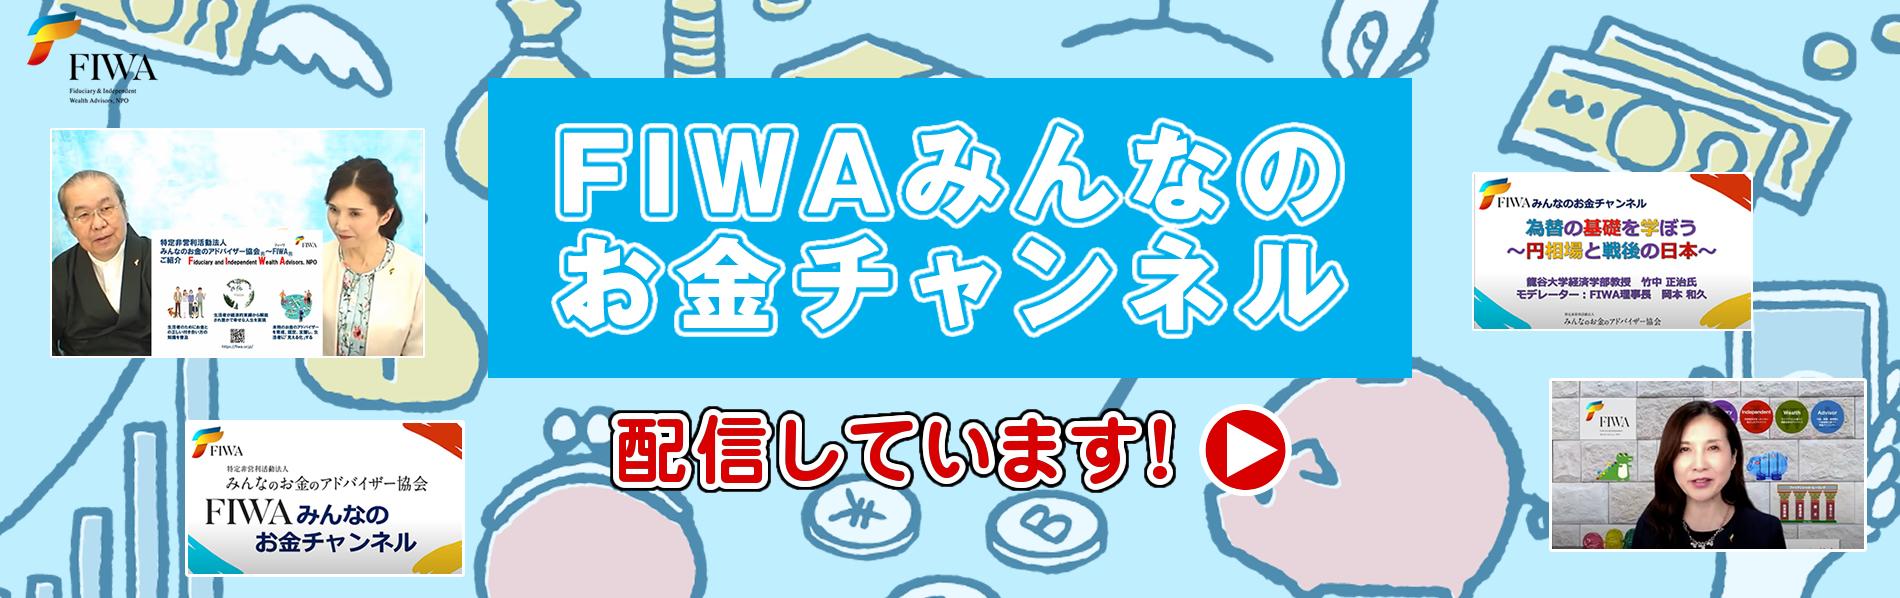 FIWAみんなのお金チャンネル